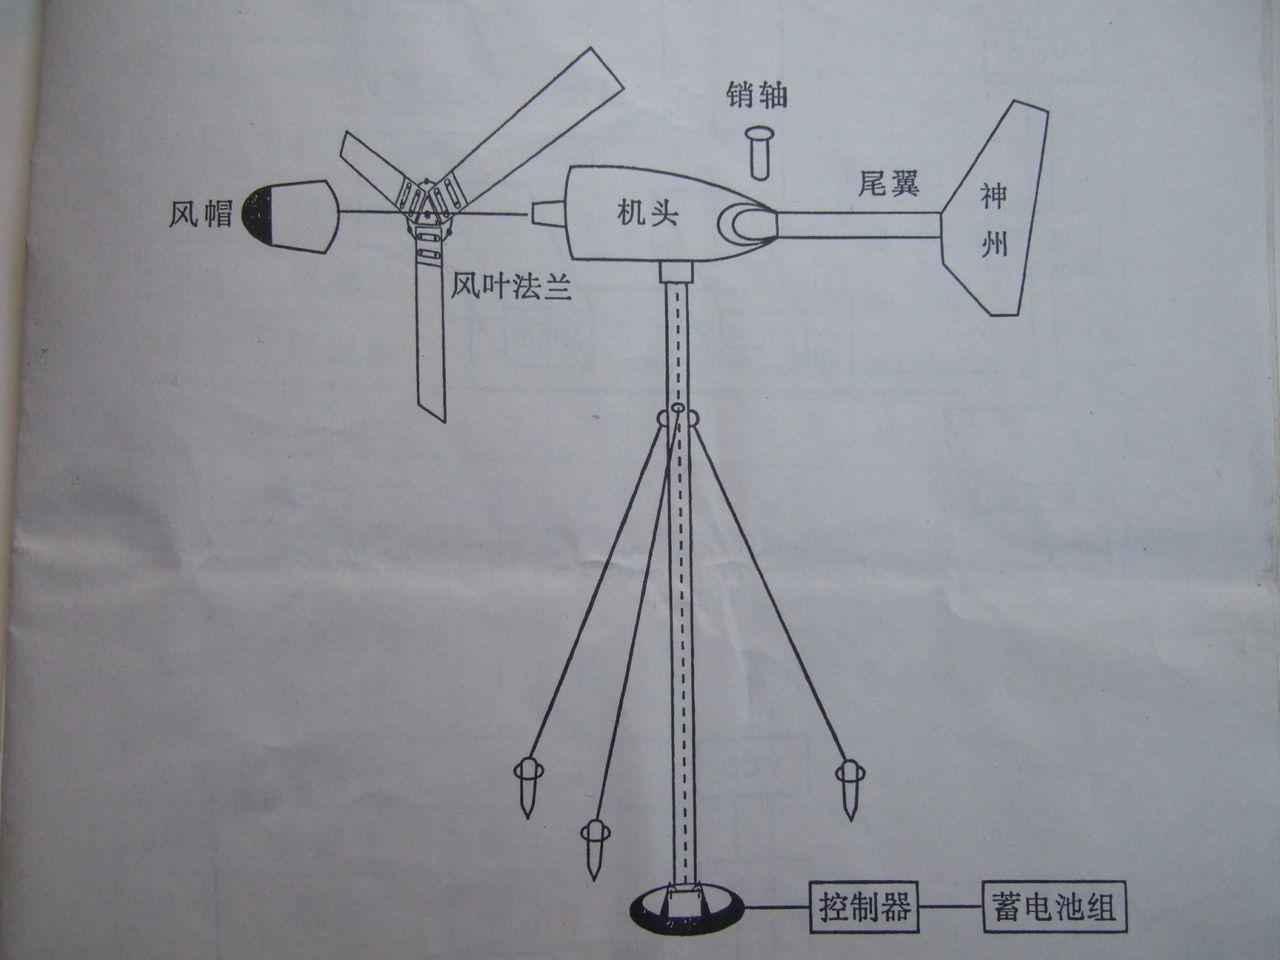 风力发电机 的原理图图片